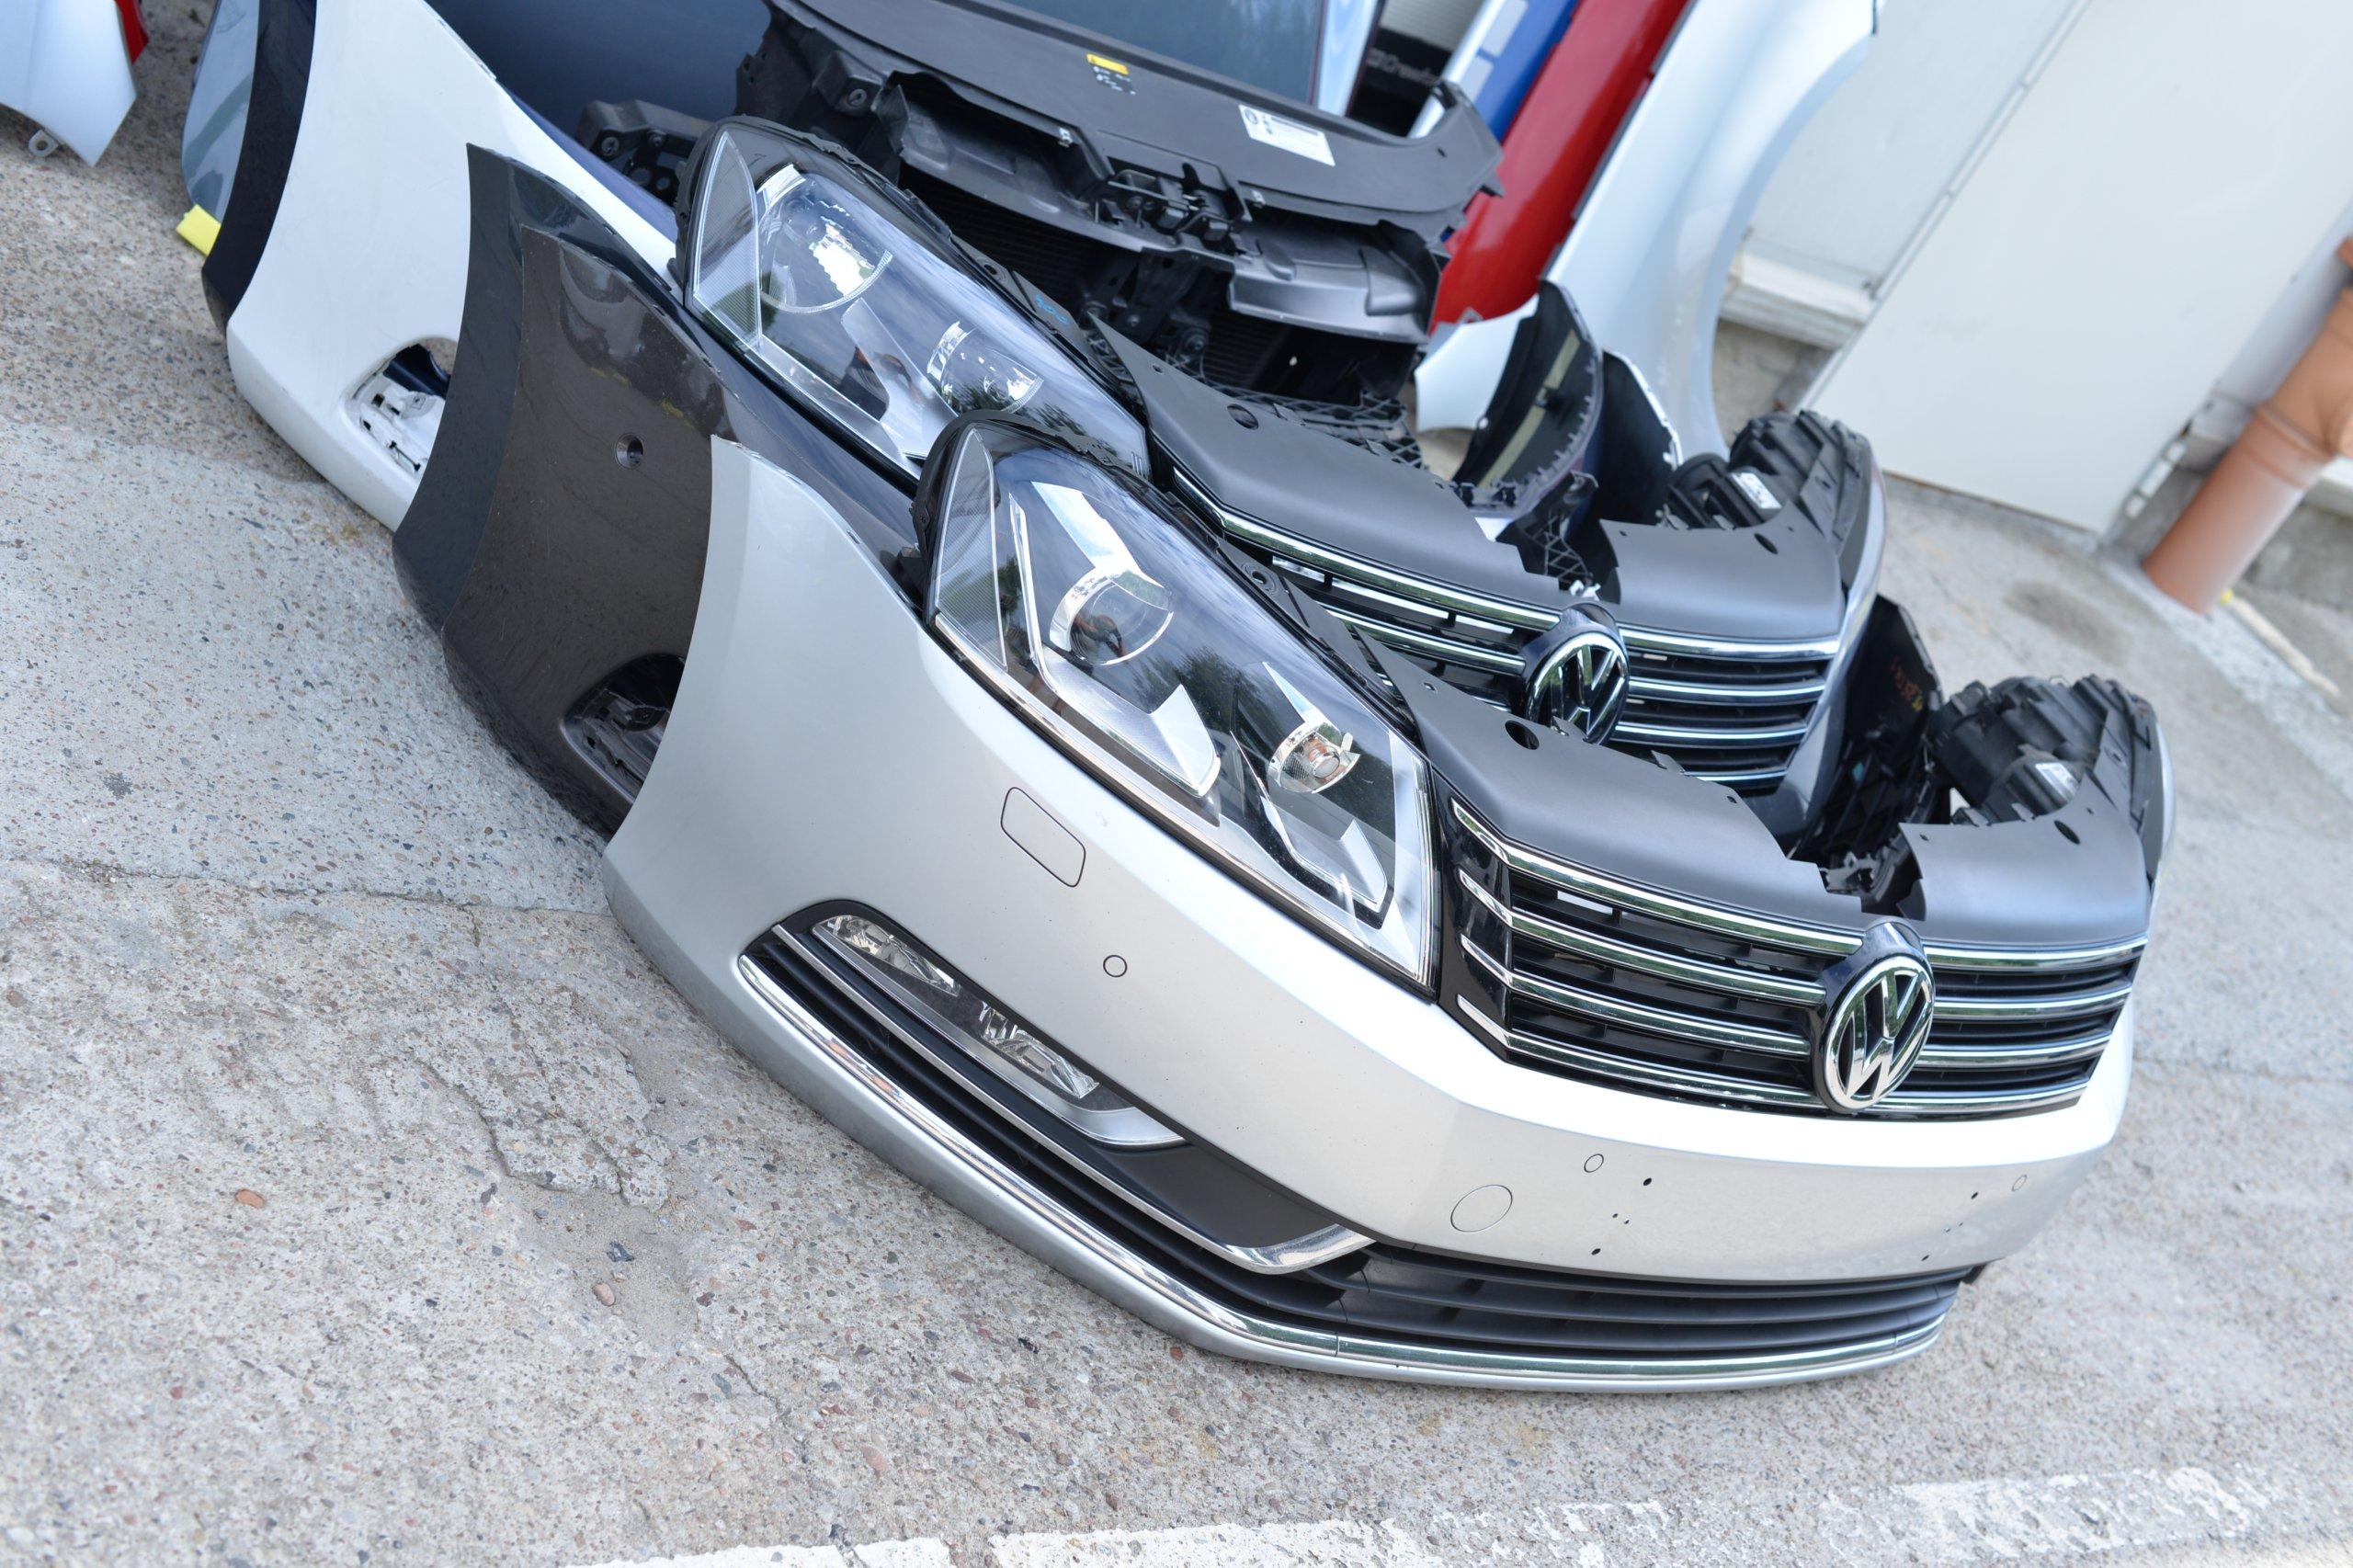 [КАПОТ ZDERZAK КРЫЛО REFLEKTOR PAS VW PASSAT B7 из Польши]изображение 4